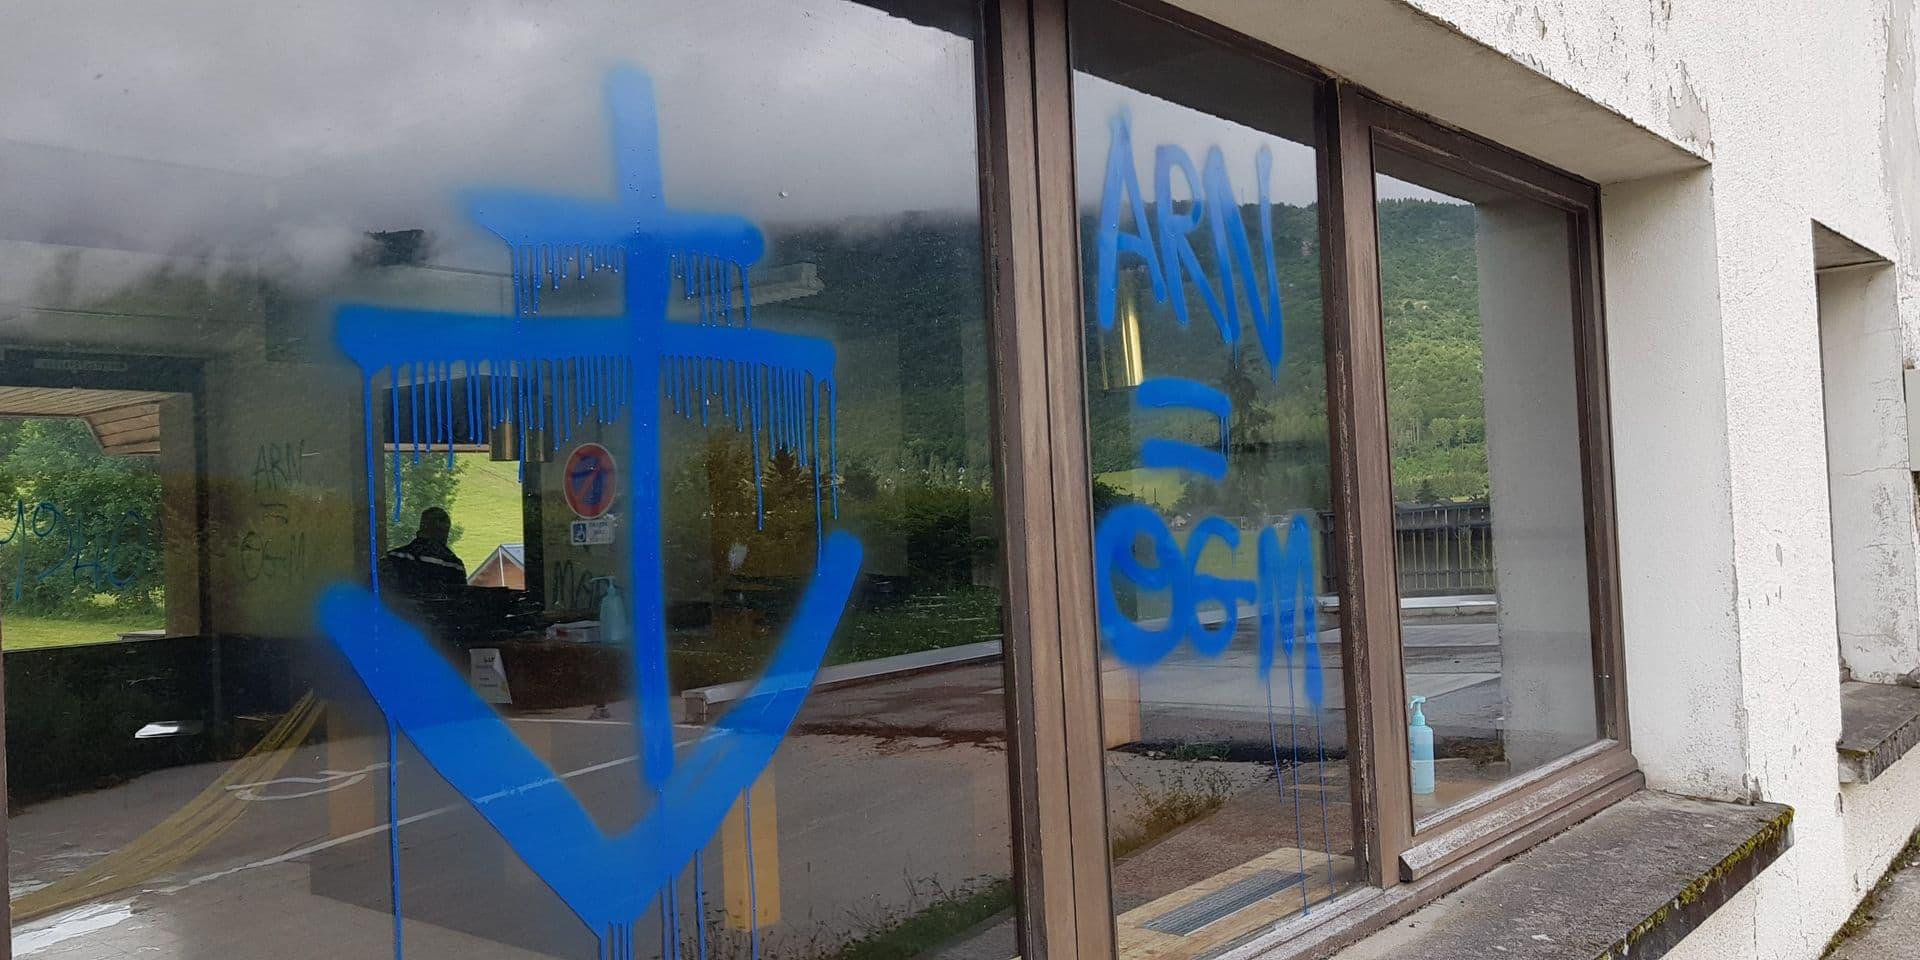 Coupures d'électricité, tags, locaux saccagés : plusieurs centres de vaccination vandalisés en France